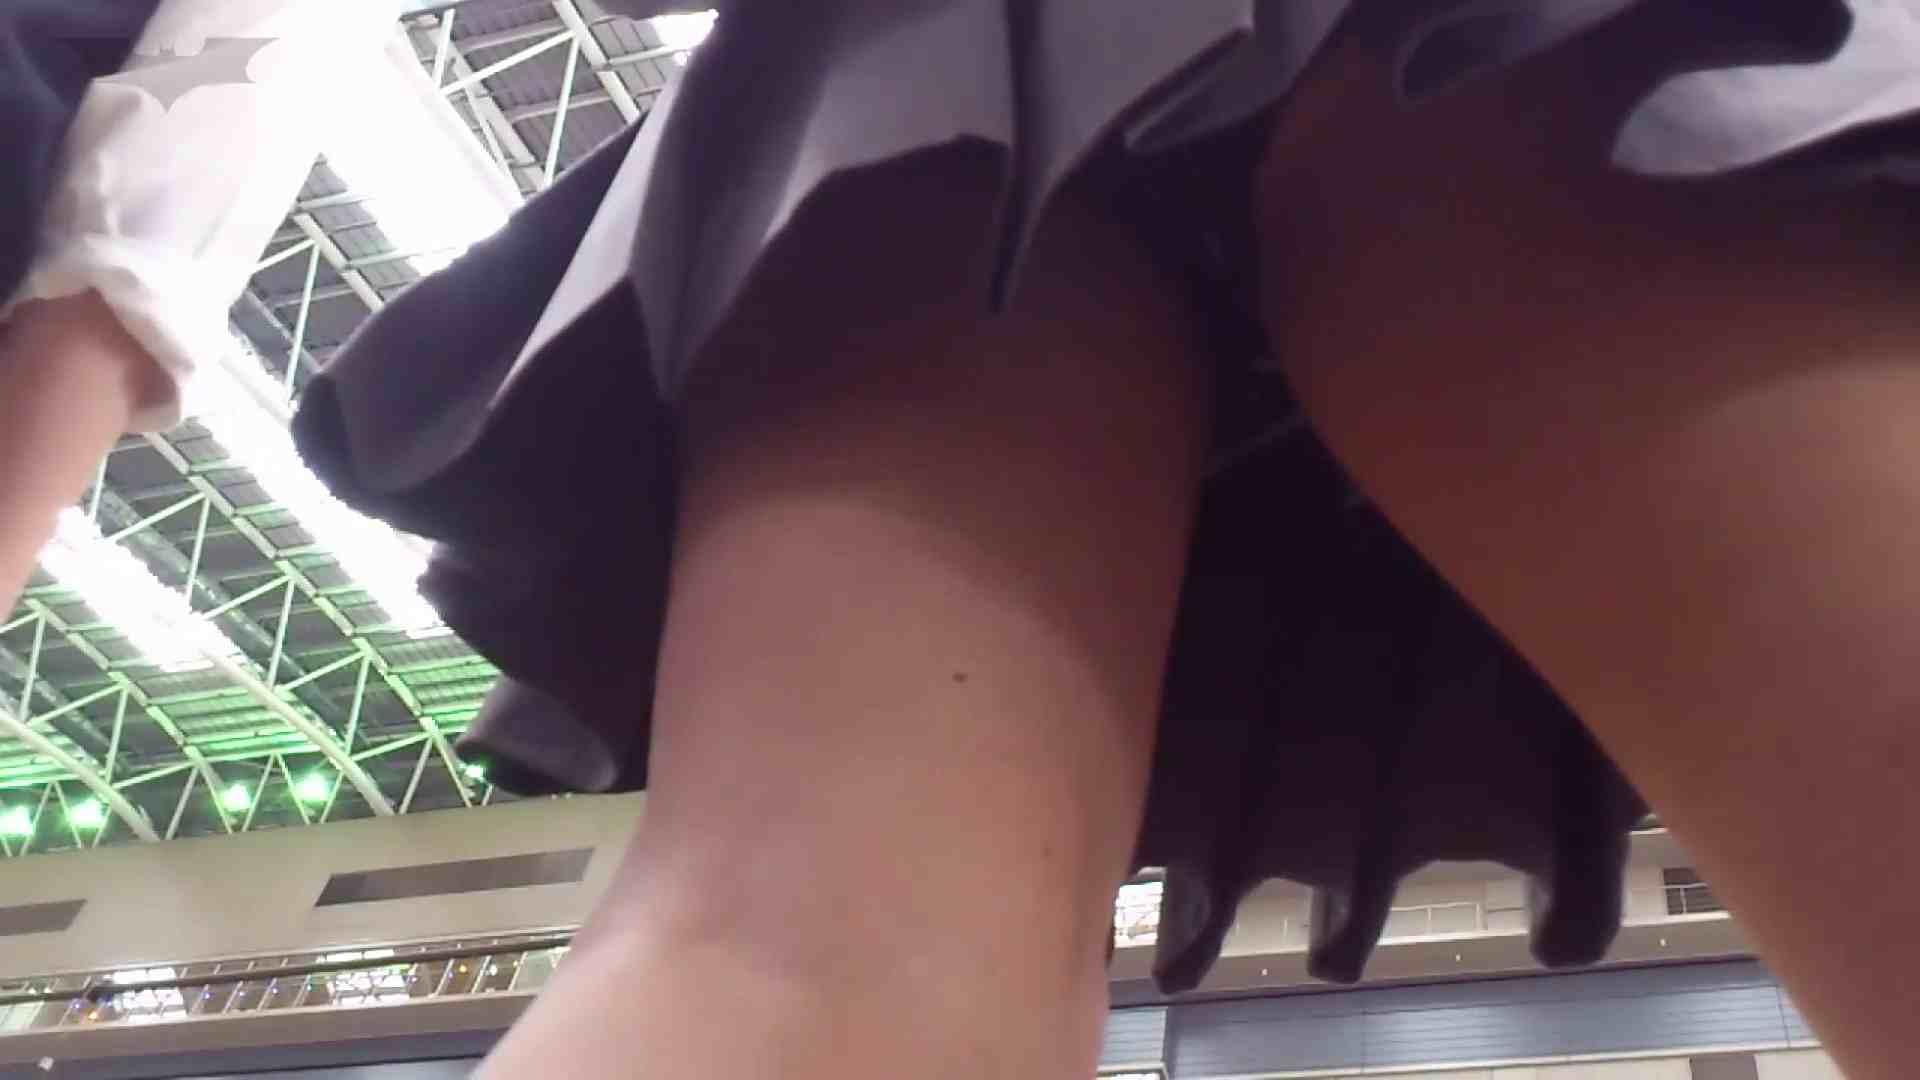 盗撮列車 vol.05 制月反のスカートの中が…見たいです。 OLの実態 盗撮アダルト動画キャプチャ 42pic 6